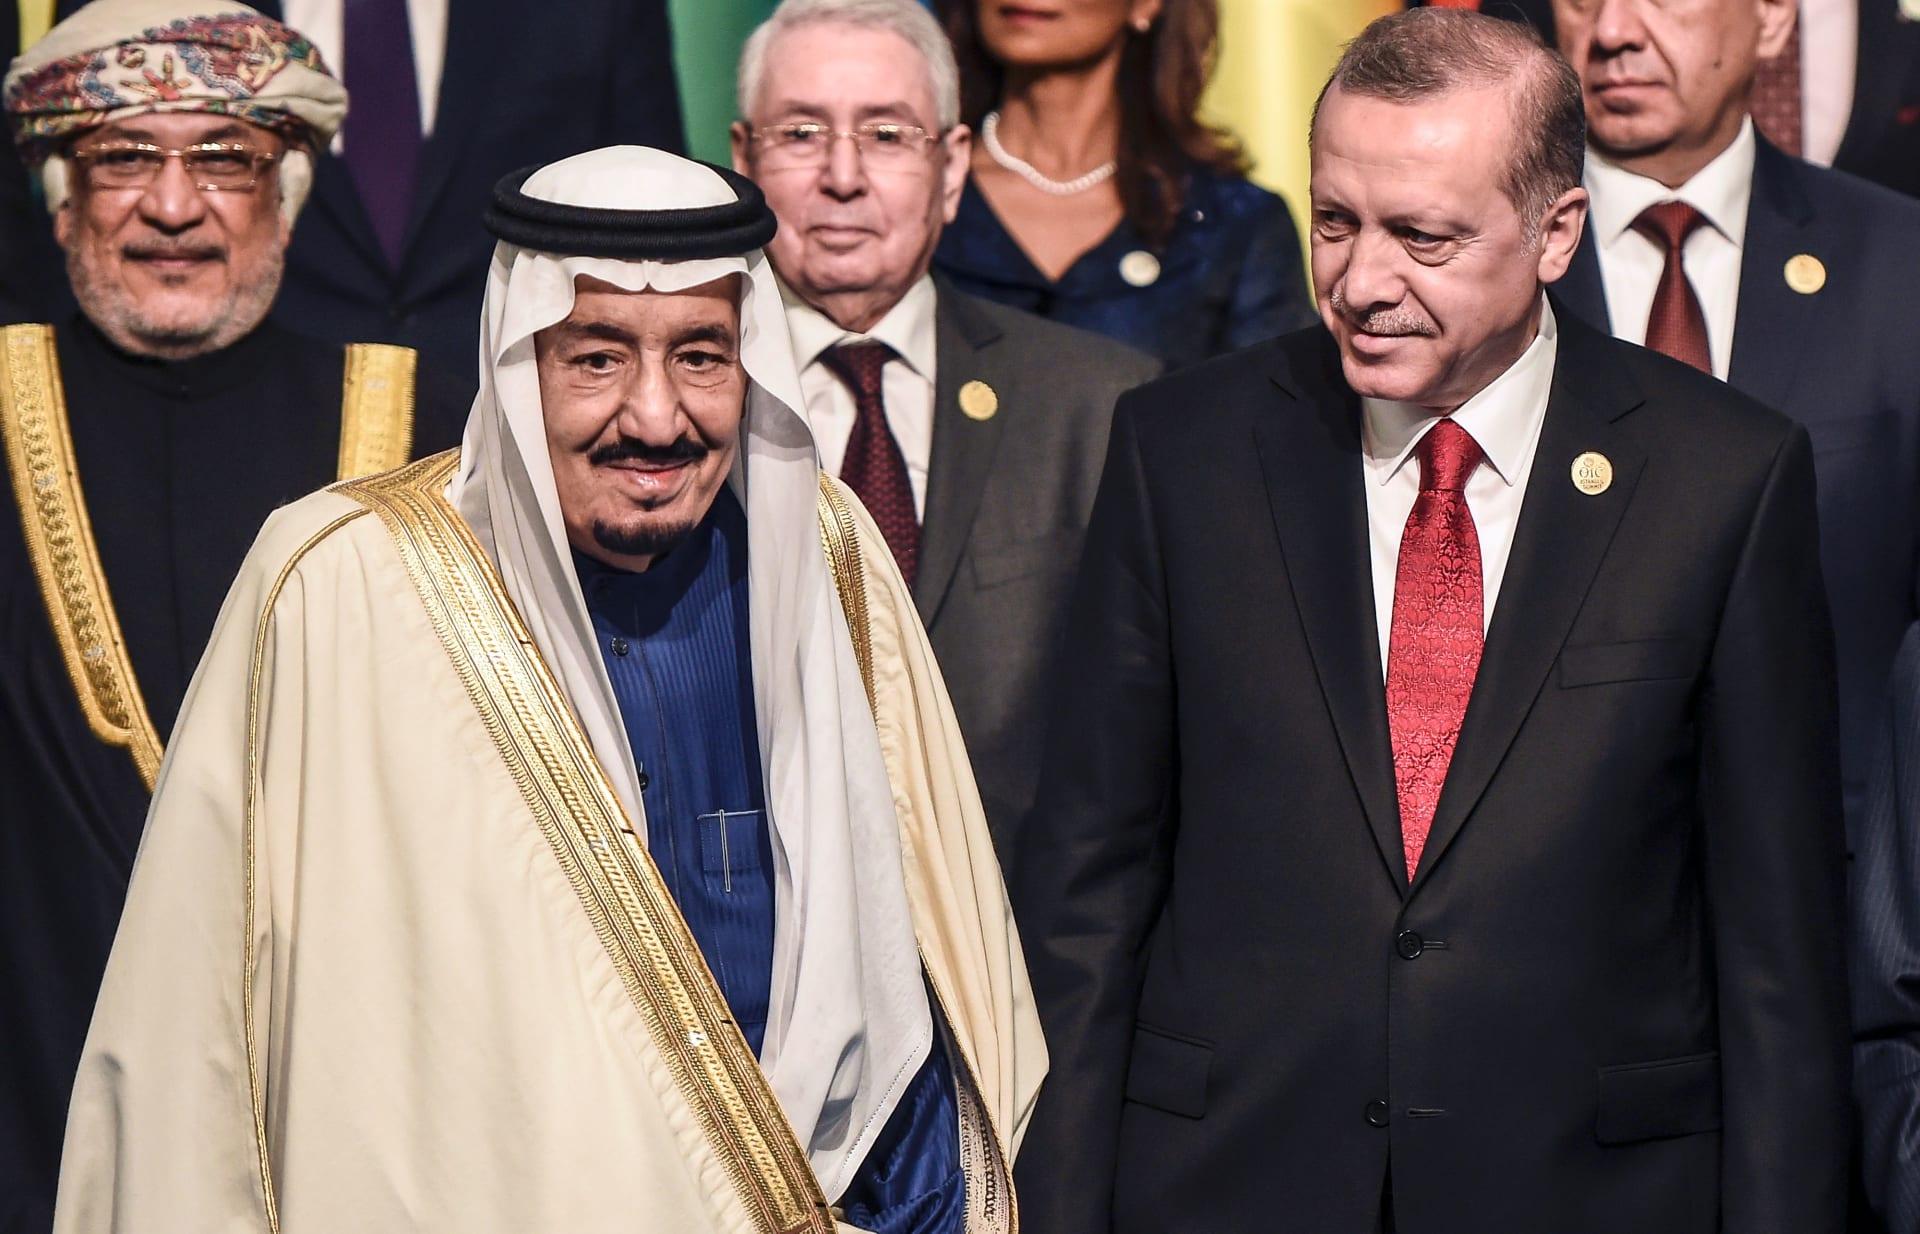 أردوغان يتصل بالملك سلمان وسط أزمات قطر وسوريا وإقليم كردستان